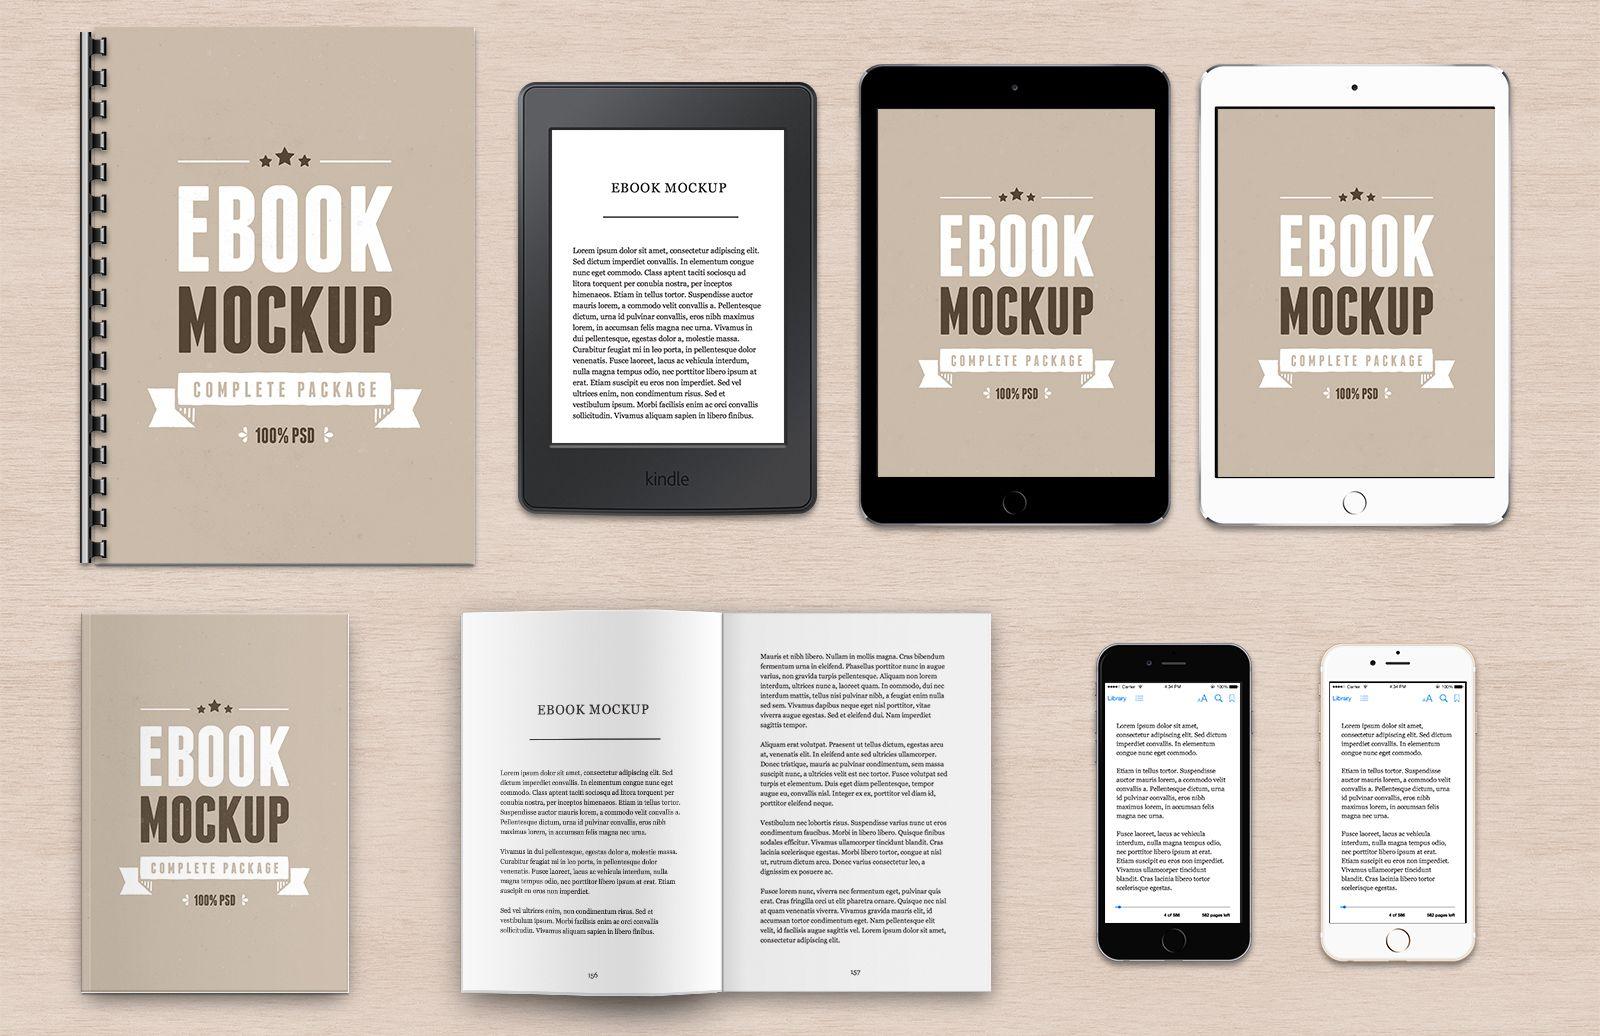 Ebook mockup package